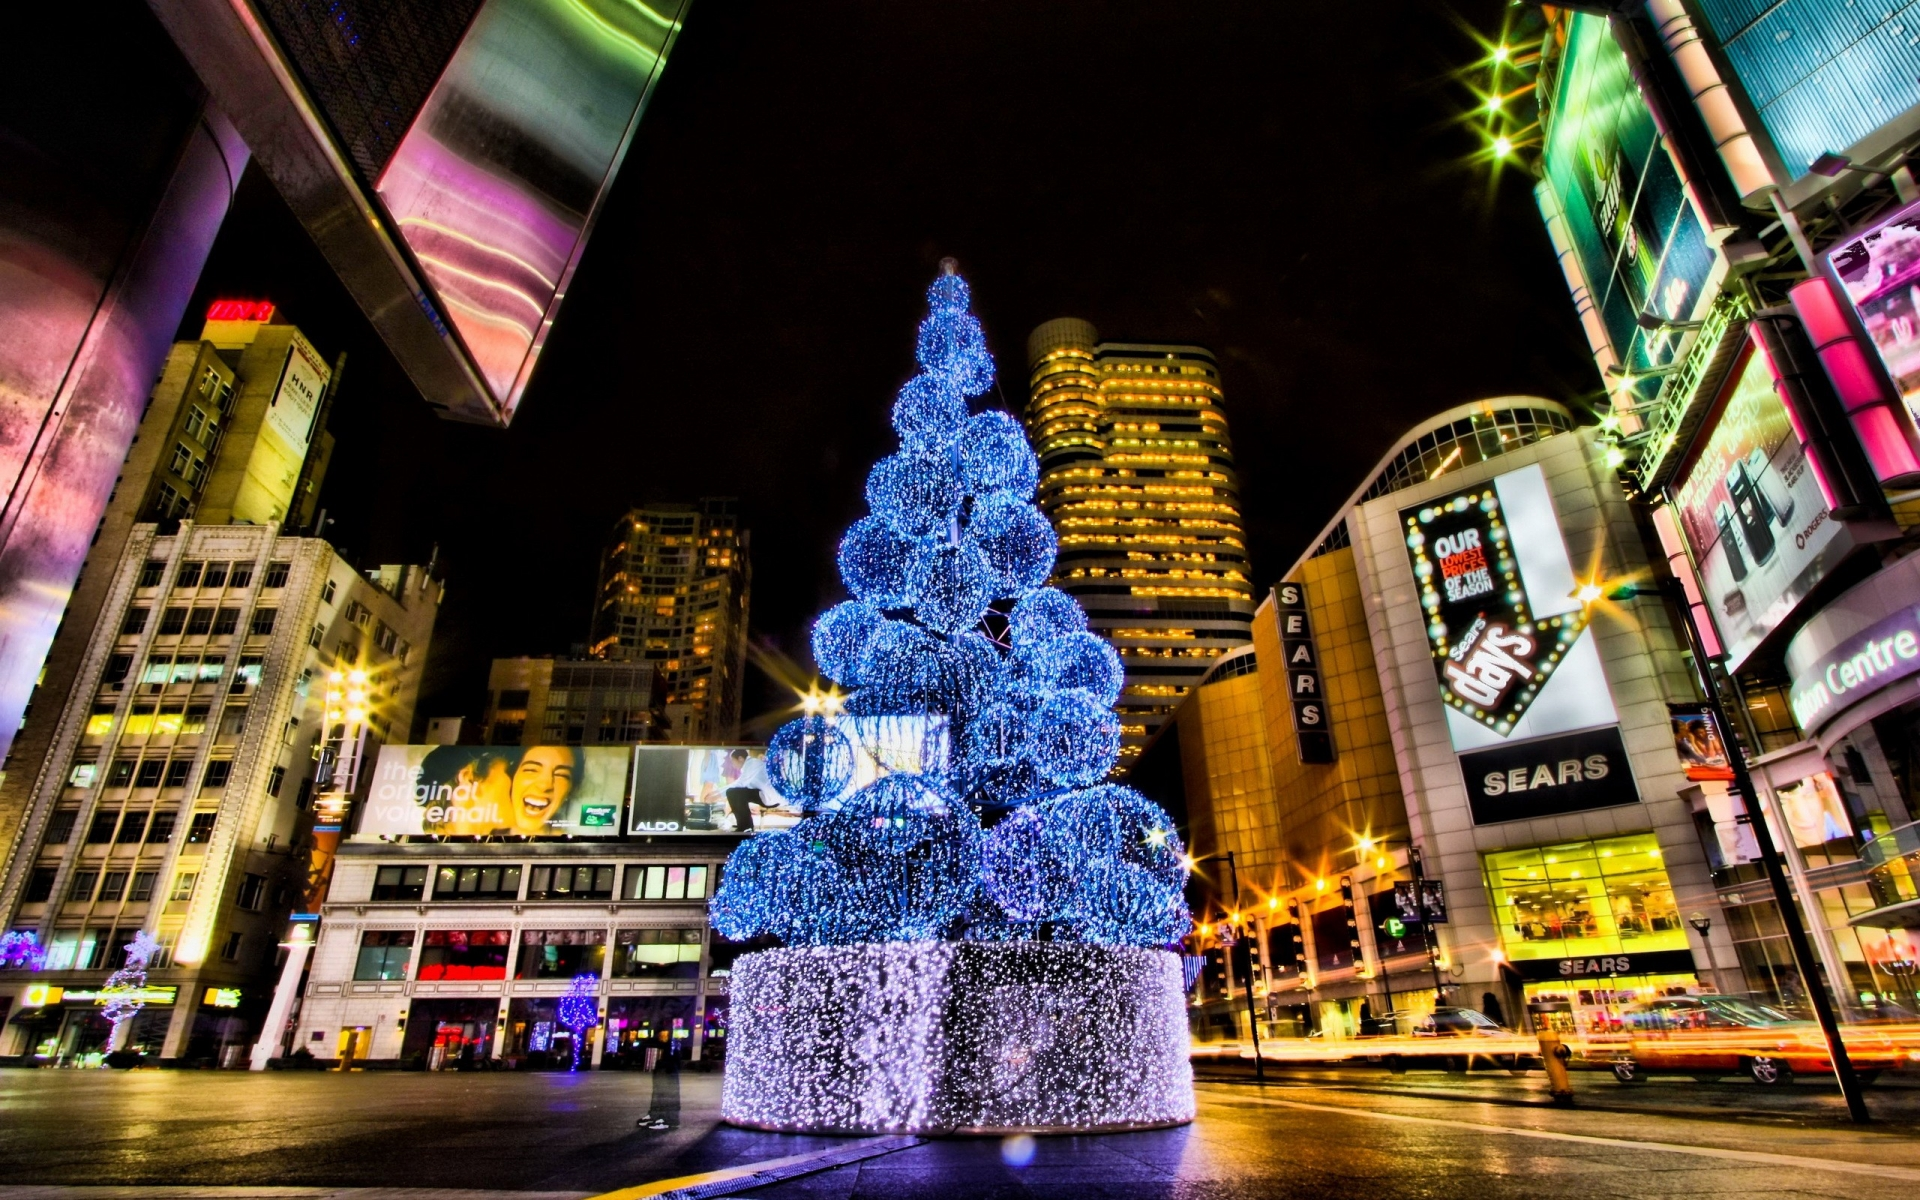 Ciudades con arboles de navidad en calles - 1920x1200